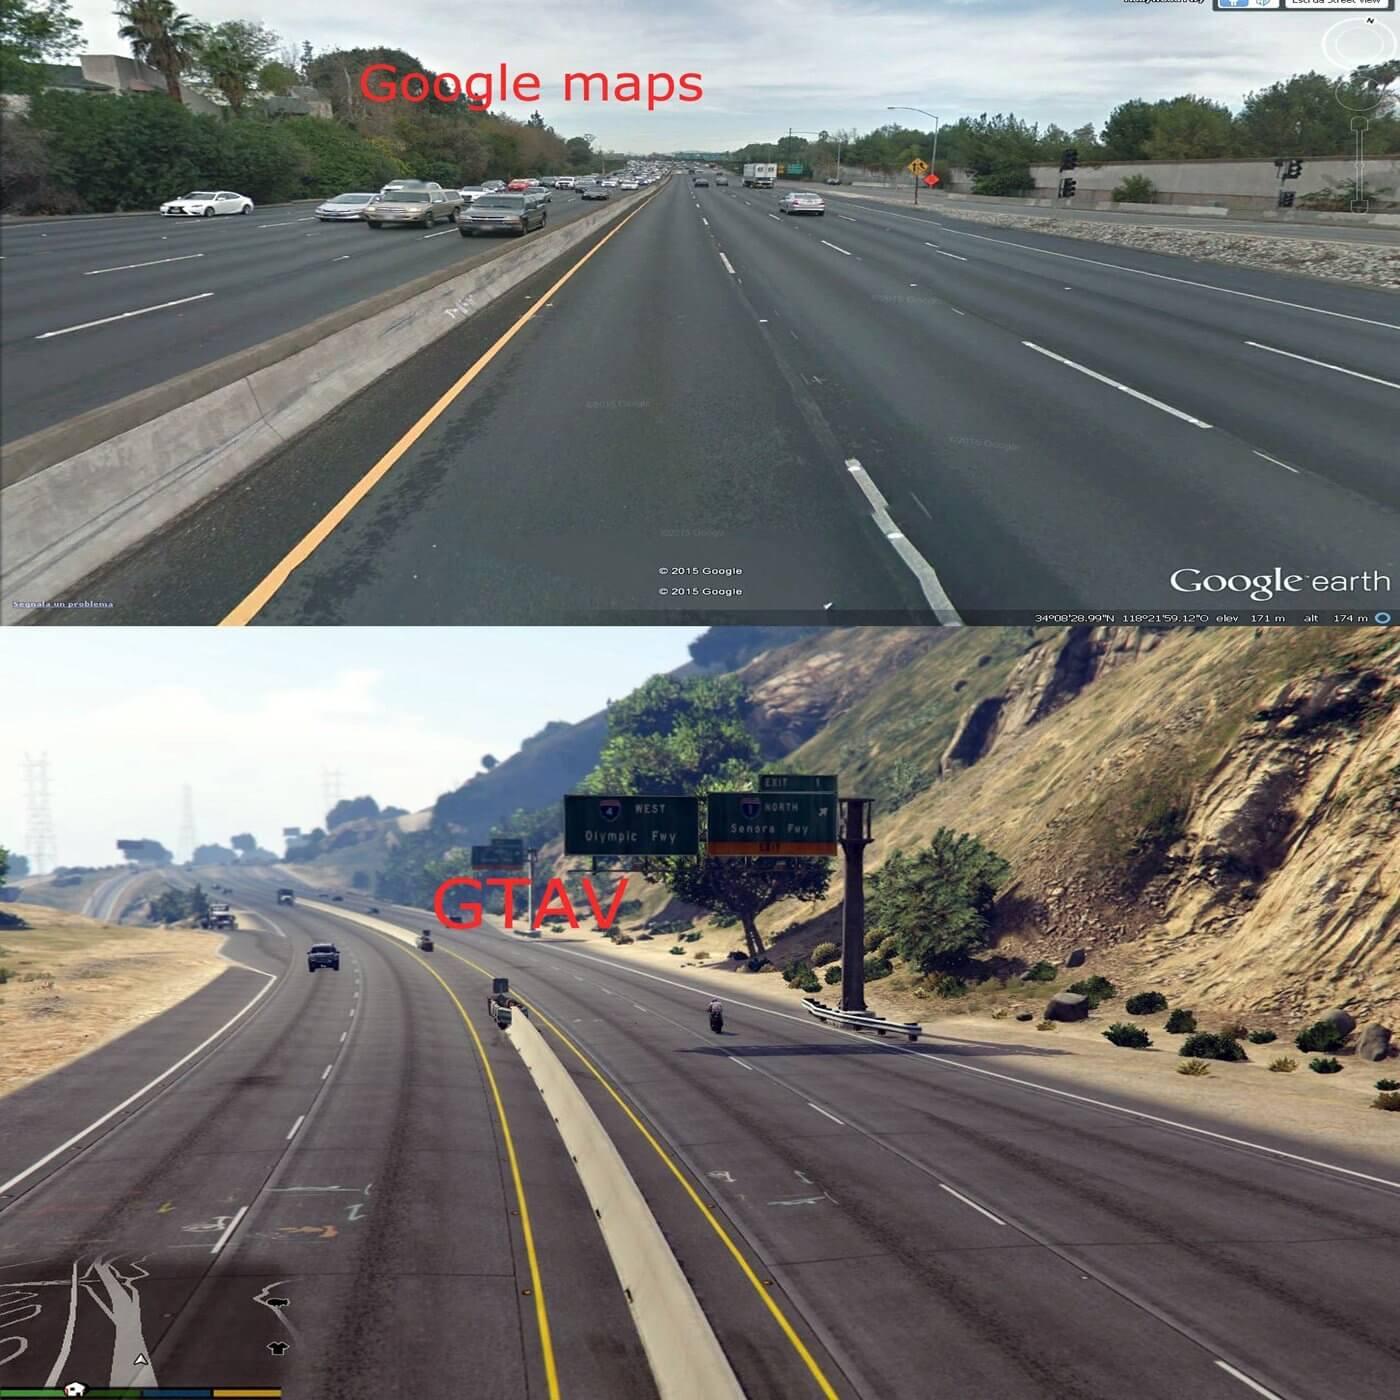 image: gta5-mods.com